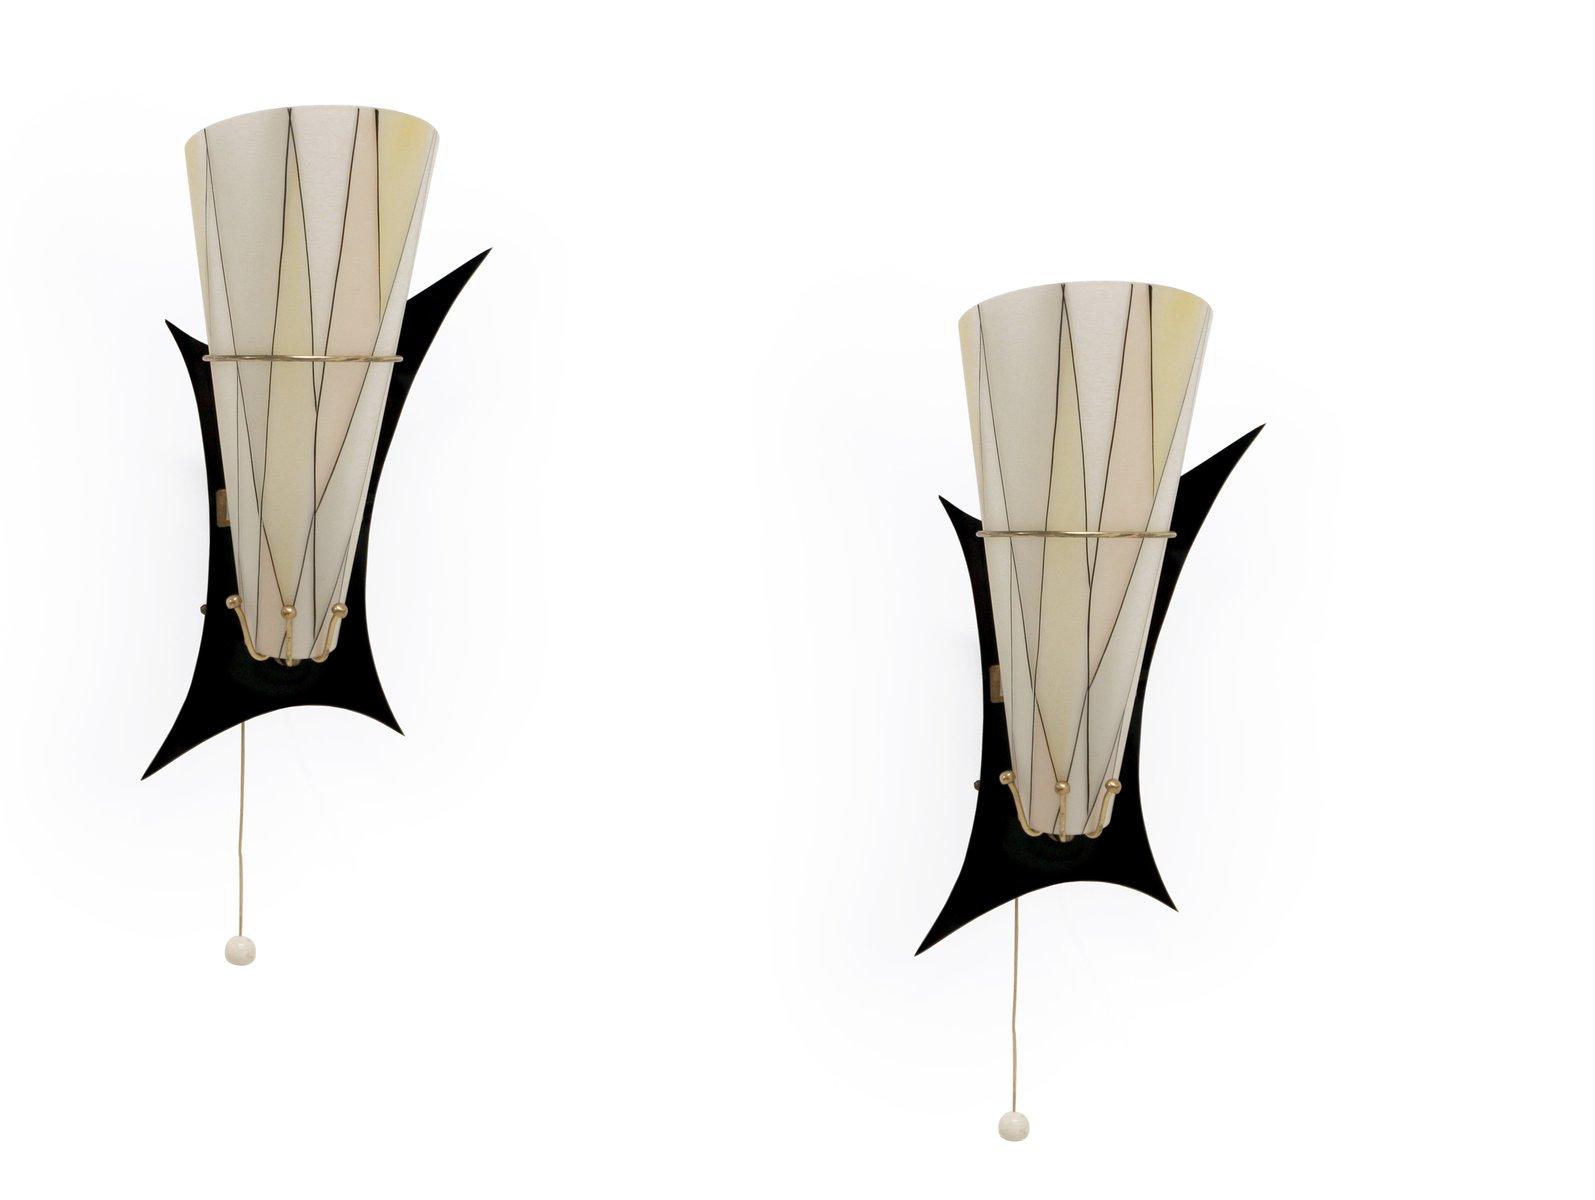 Mid-Century Atomic Wandlampen aus Messing & Glas, 2er Set